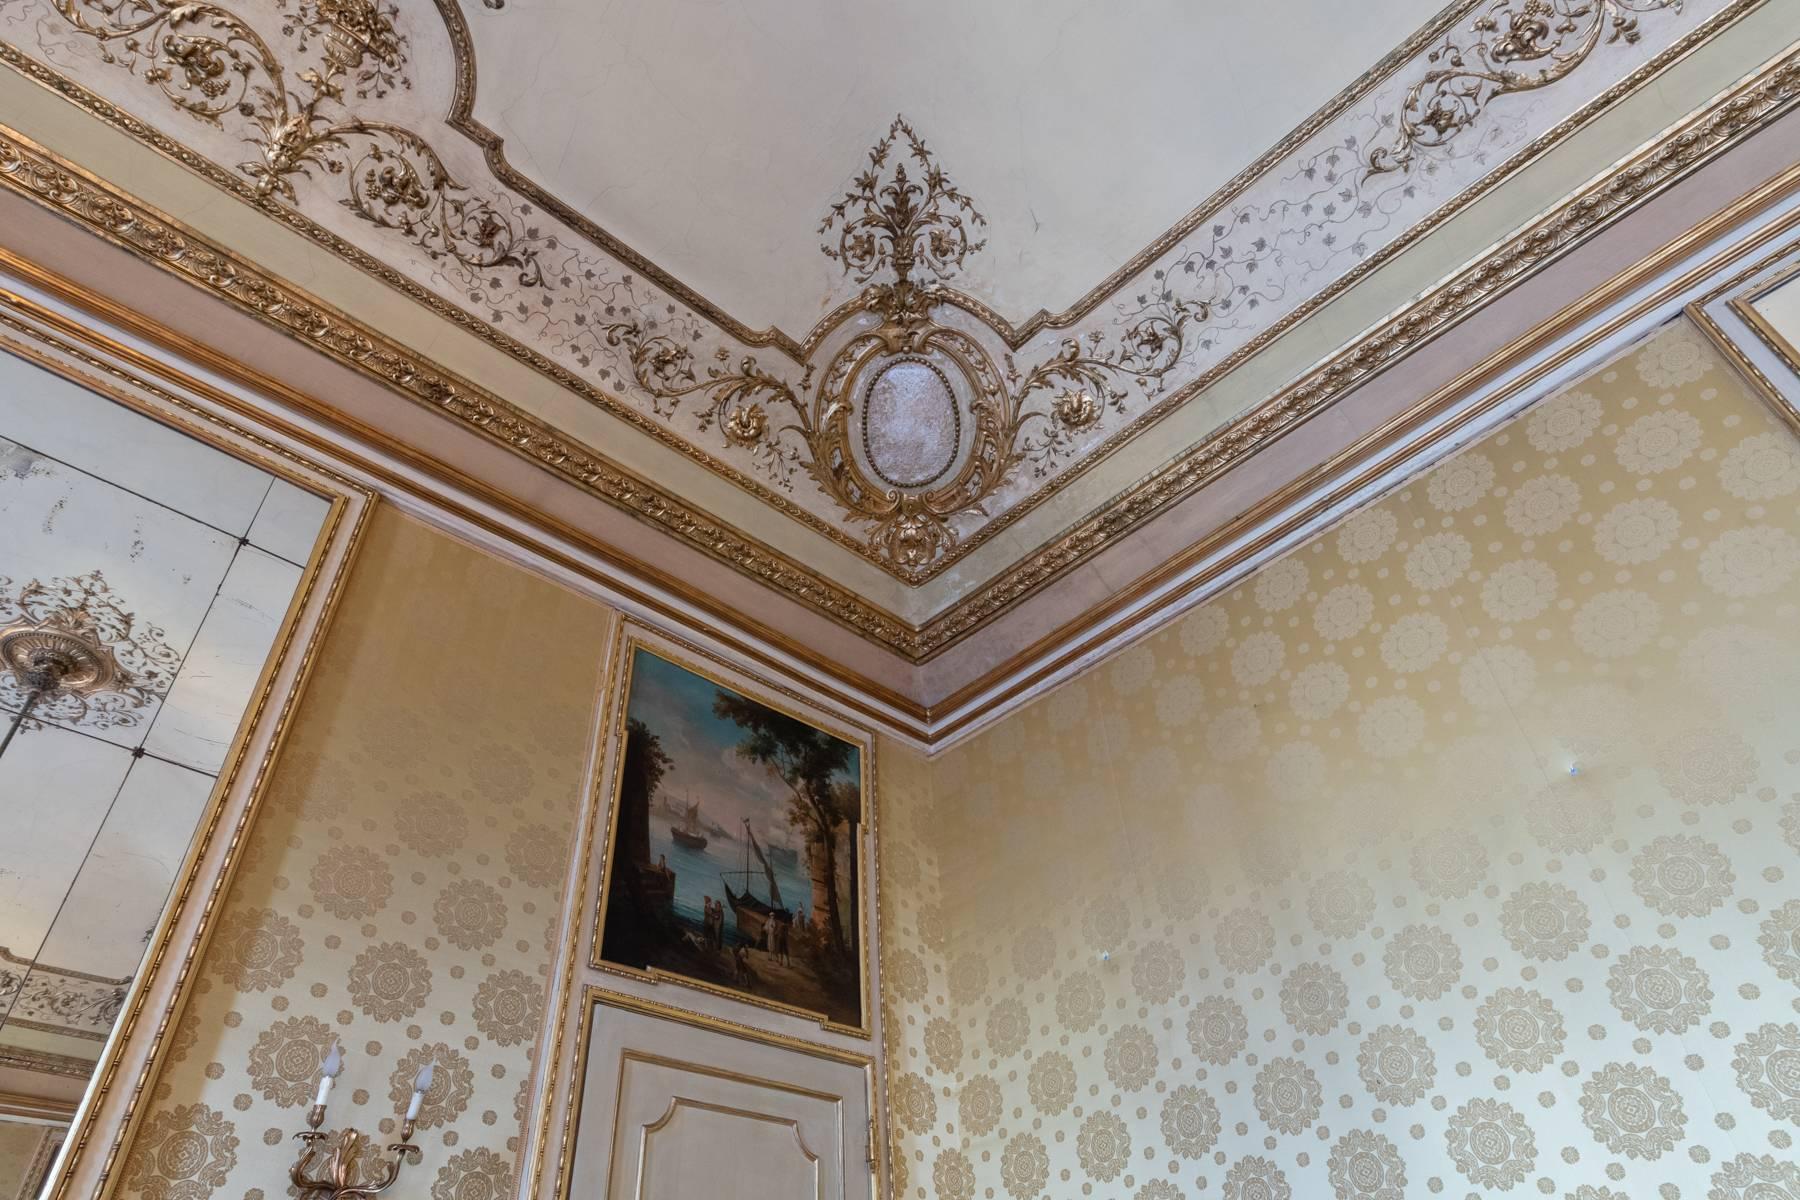 Appartement élégant dans un palais historique - 11